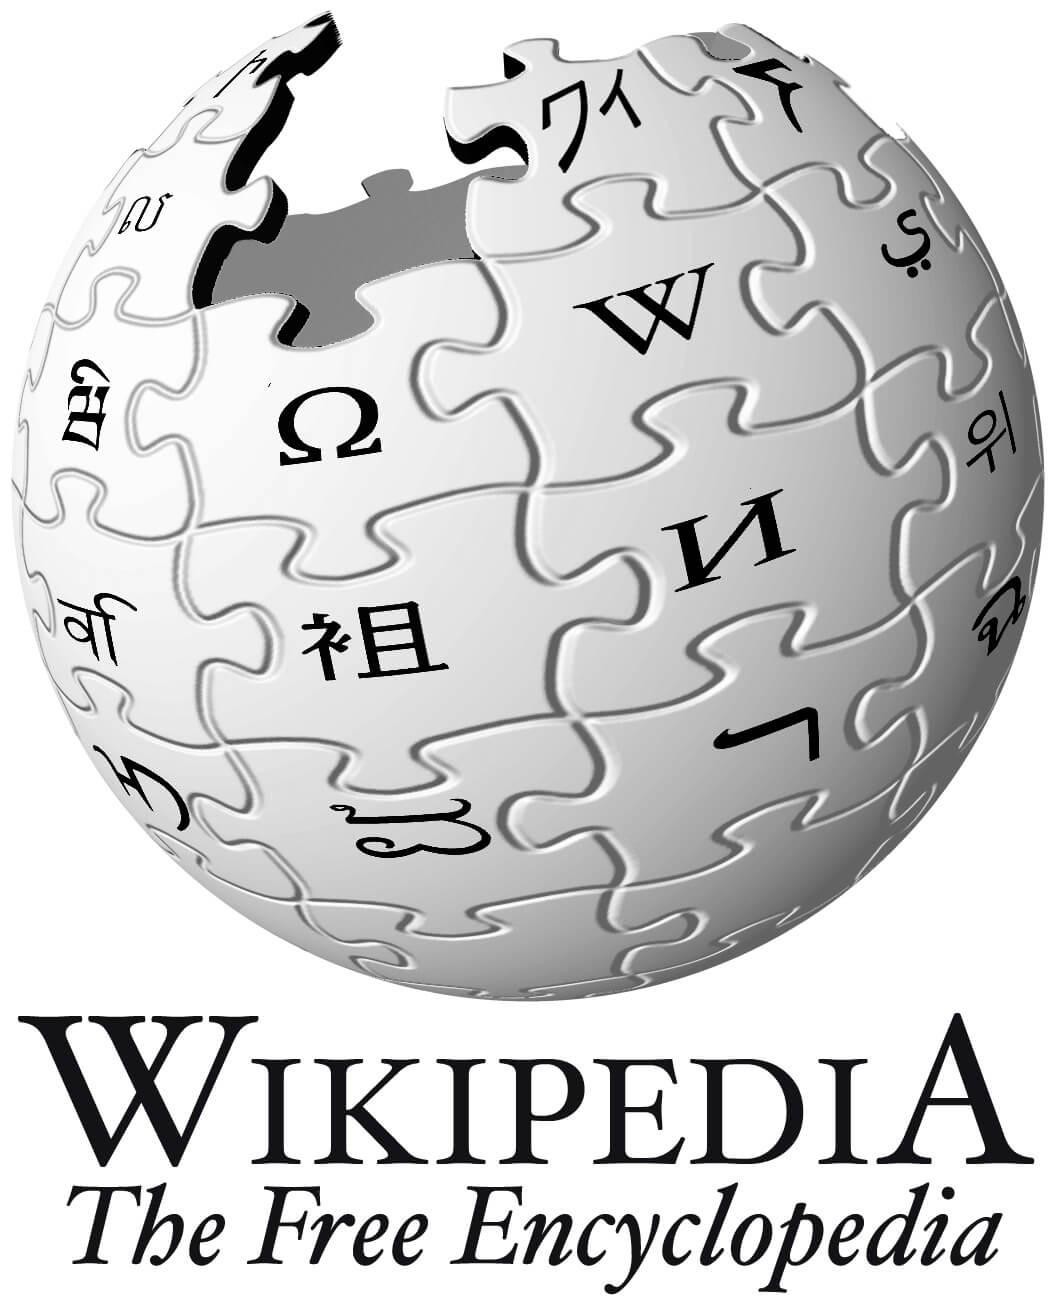 Die Wikipedia wird 15 Jahre alt: Hat die Online-Enzyklopädie zu viel Macht?